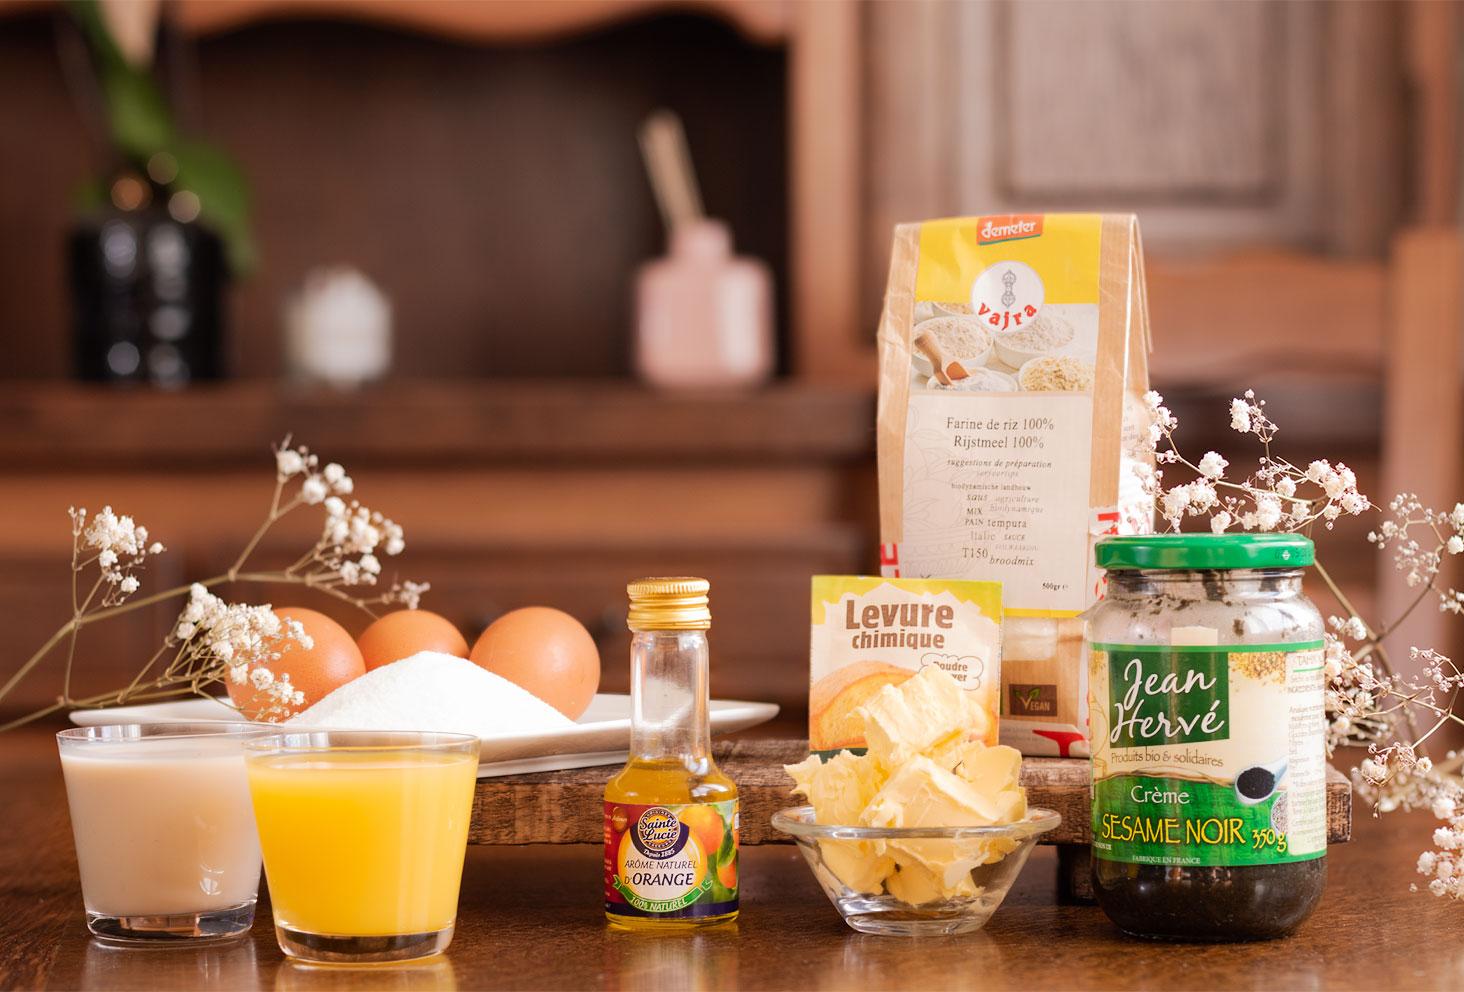 Les ingrédients nécessaires à la réalisation d'un cake marbré à l'orange et à la crème de sésame noir, posé sur une table en bois au milieu de fleurs sèches blanches